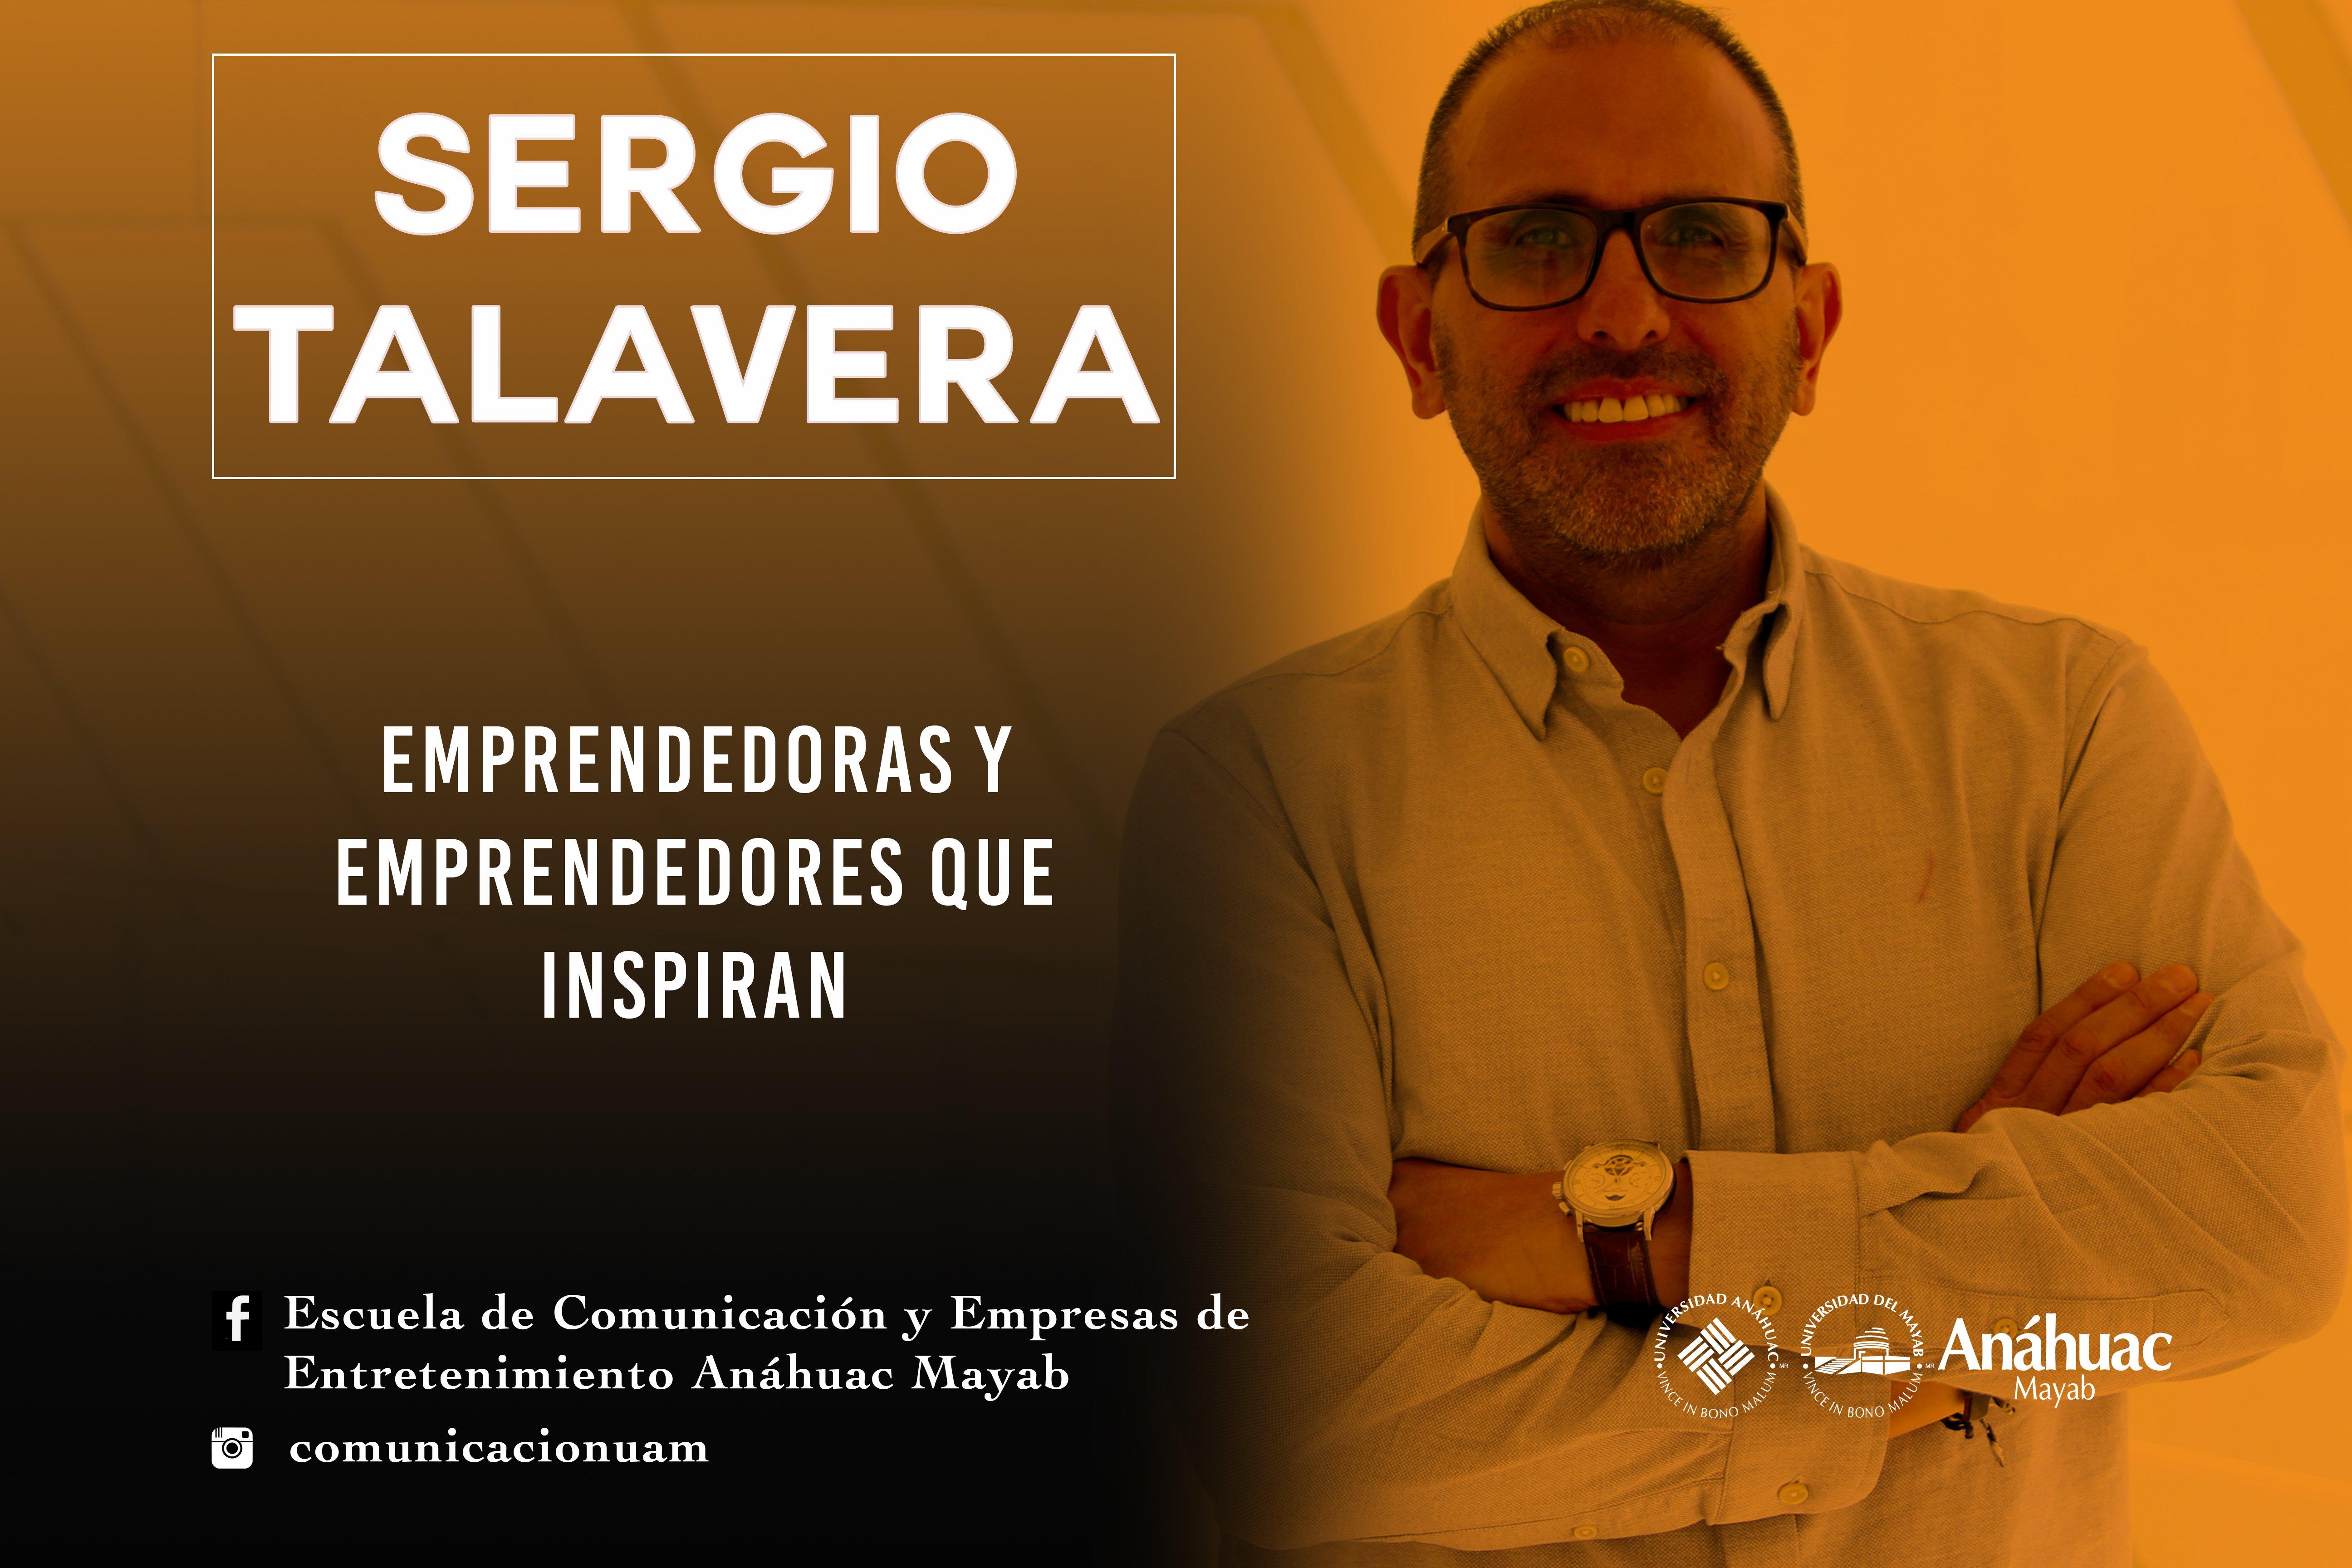 Sergio Talavera